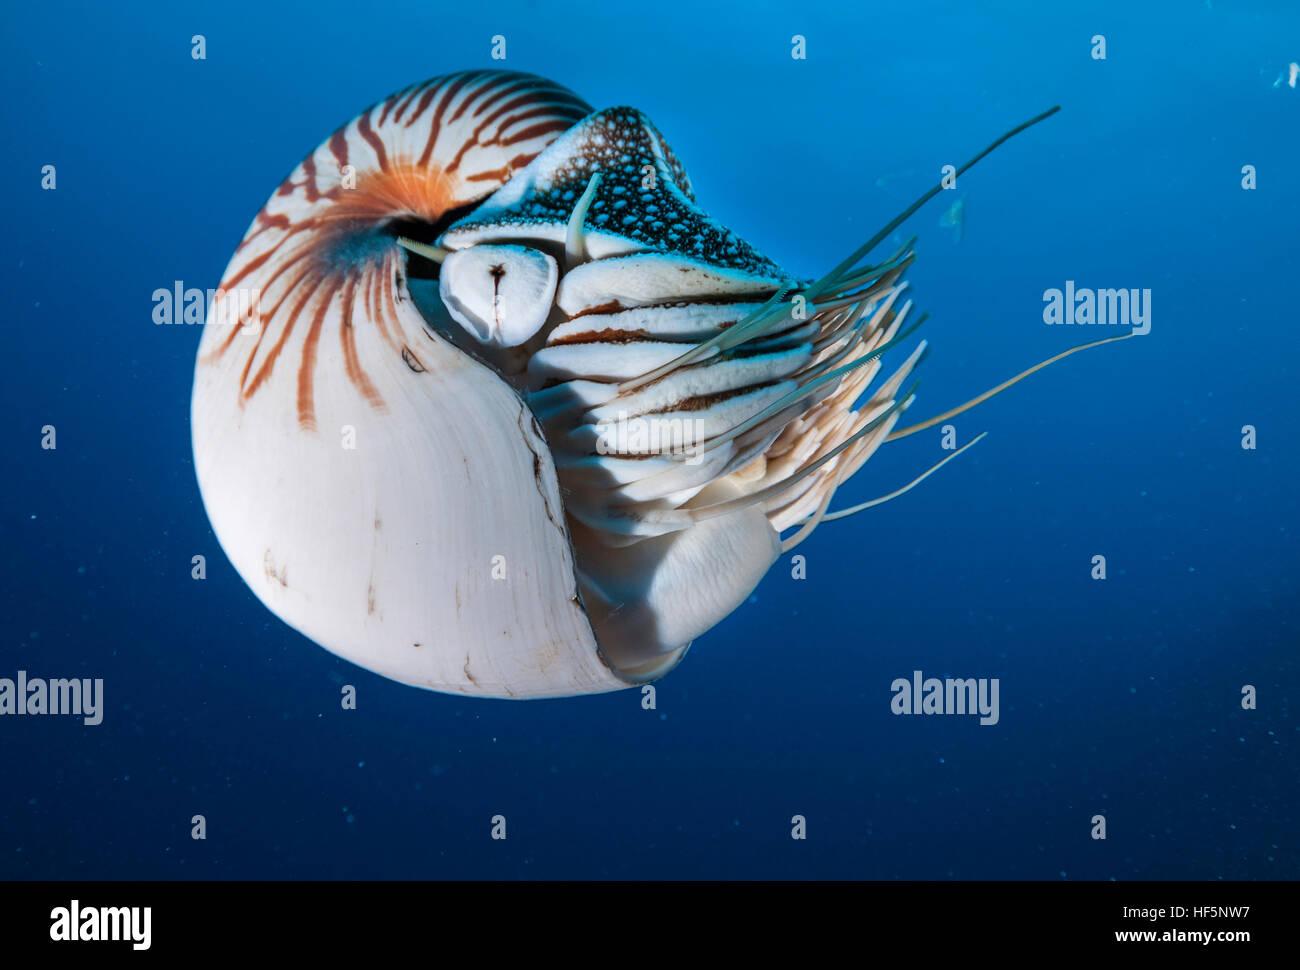 Shell Nautilus natación subacuática, Palau, Micronesia. Imagen De Stock